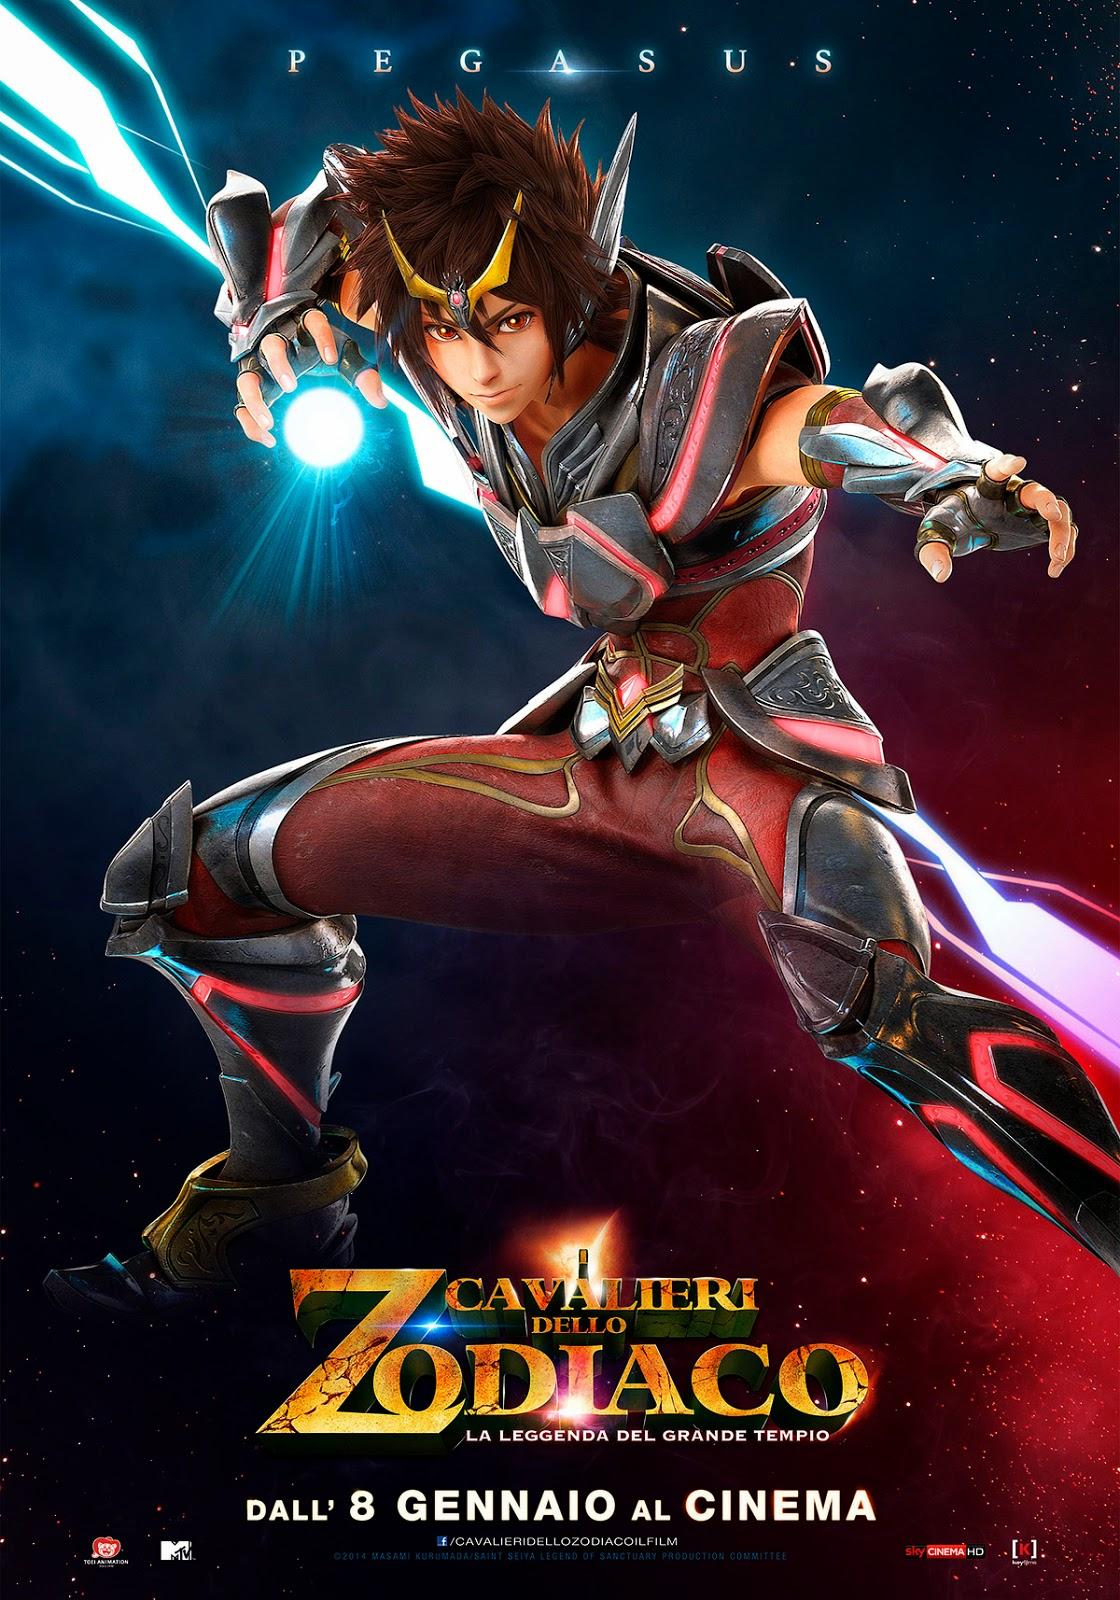 I Cavalieri dello Zodiaco - La Leggenda del Grande Tempio